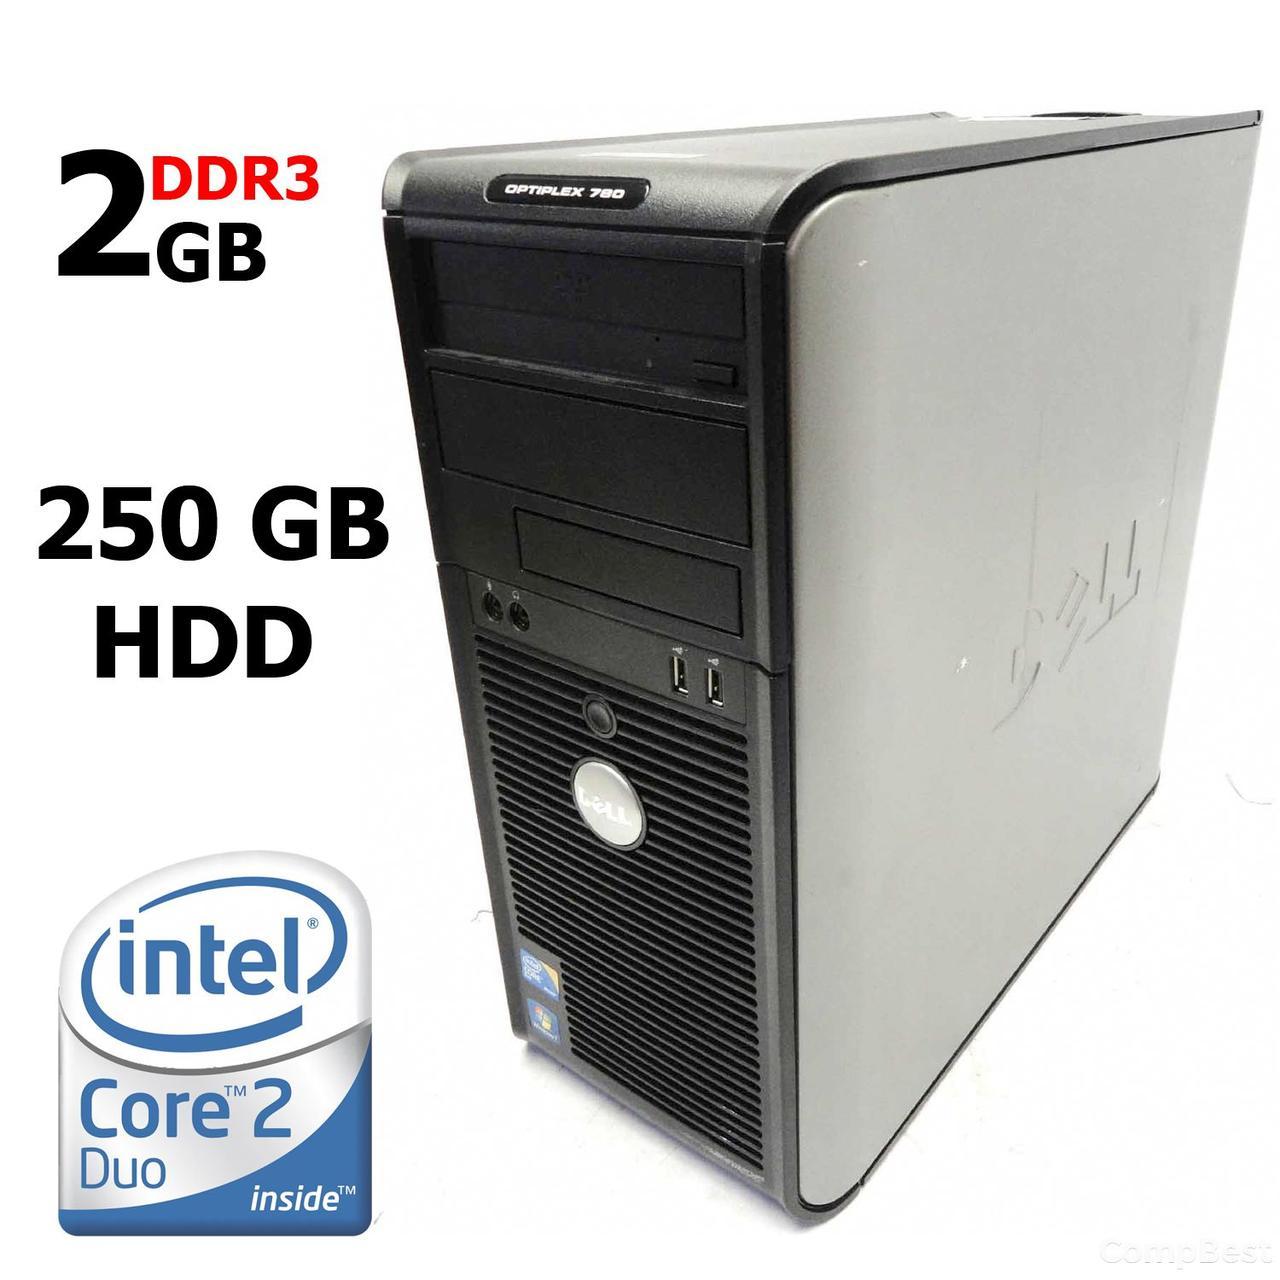 Dell 780 MT / Intel® Core™2 Duo E7500 (2 ядра по 2.93 GHz) / 2GB DDR3 / 250GB HDD